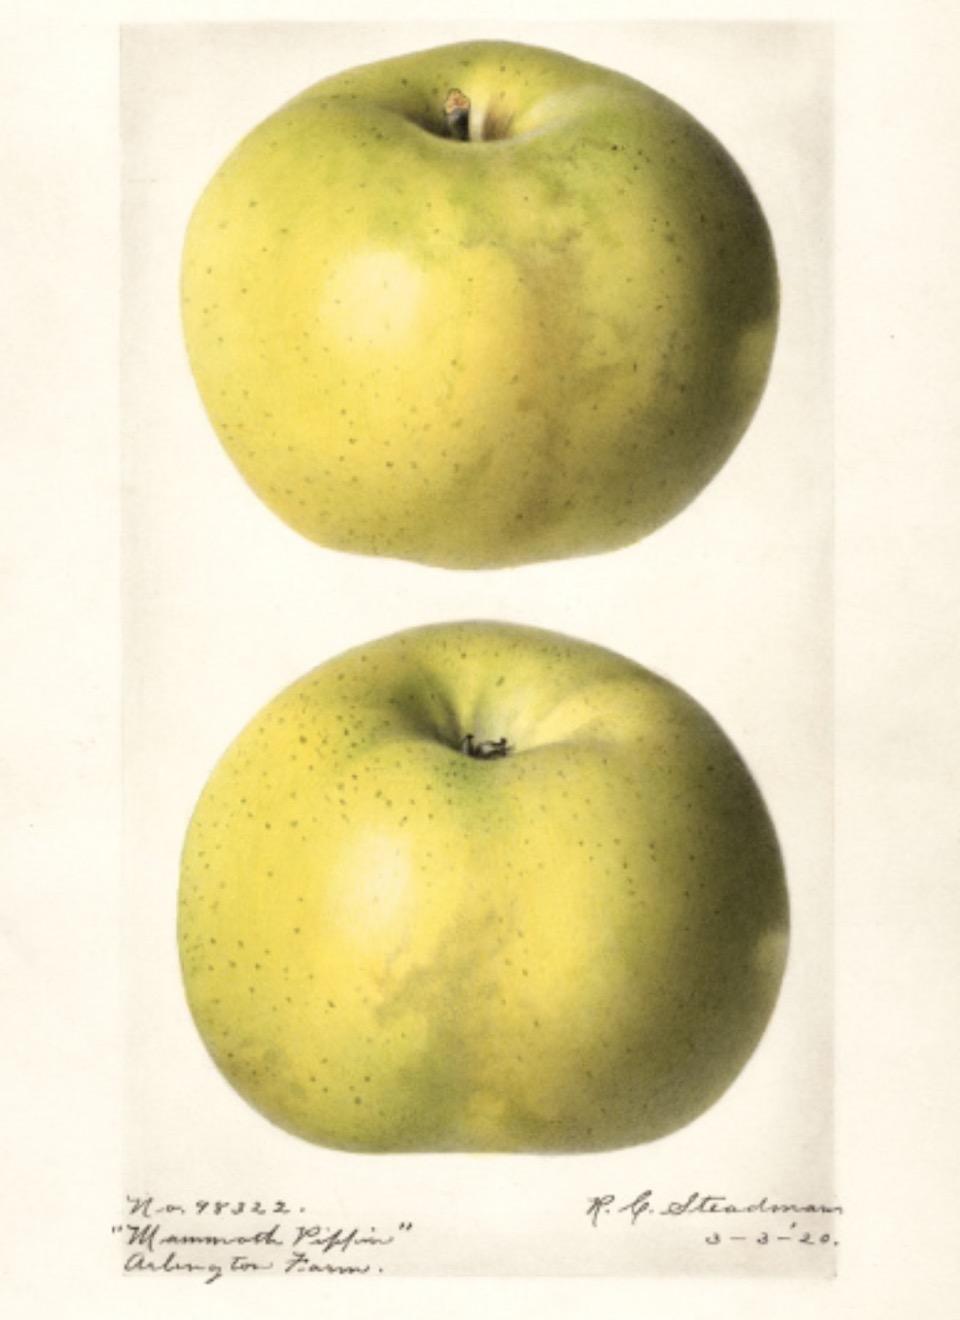 Historische Abbildung zweier grün-gelblicher Äpfel; USDA